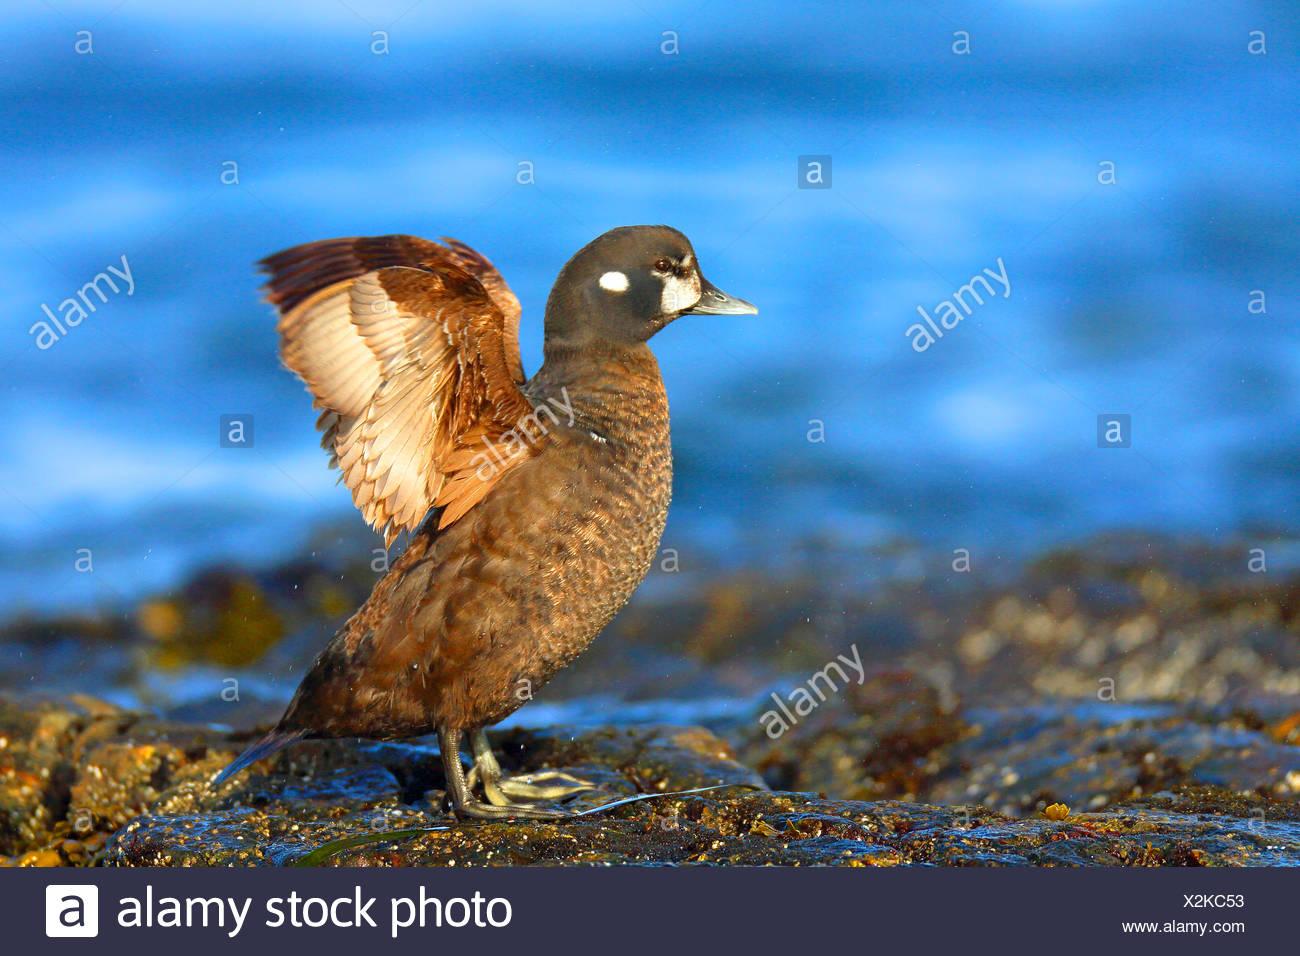 El pato arlequín (Histrionicus histrionicus), hembra se alza sobre una roca en el mar batir las alas, el Canadá, la isla de Vancouver, Victoria Imagen De Stock